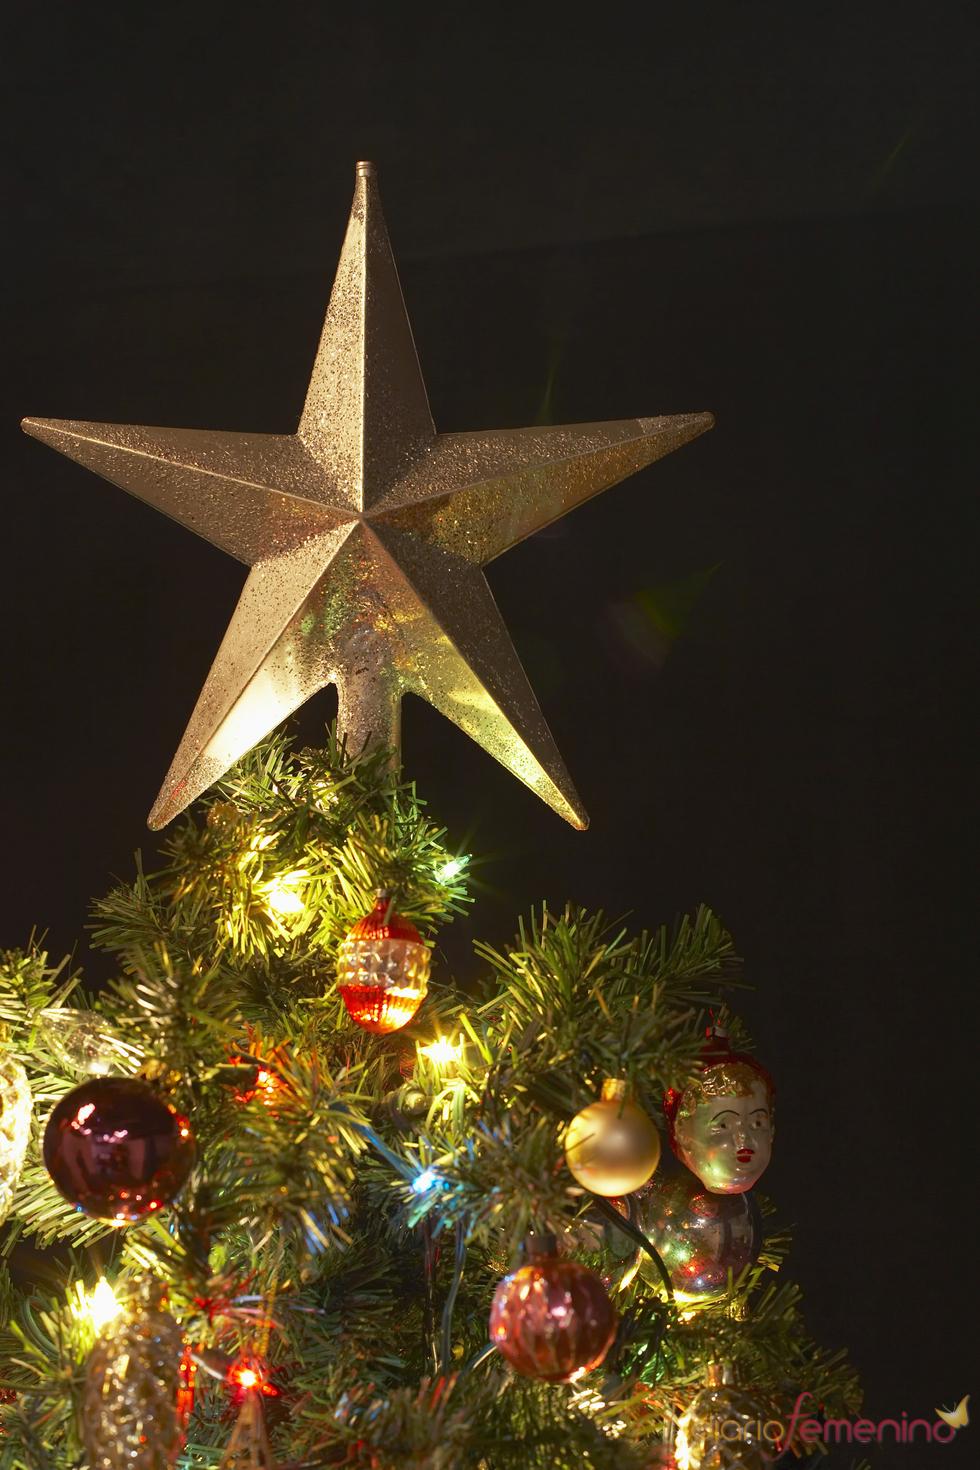 La guinda del árbol de Navidad